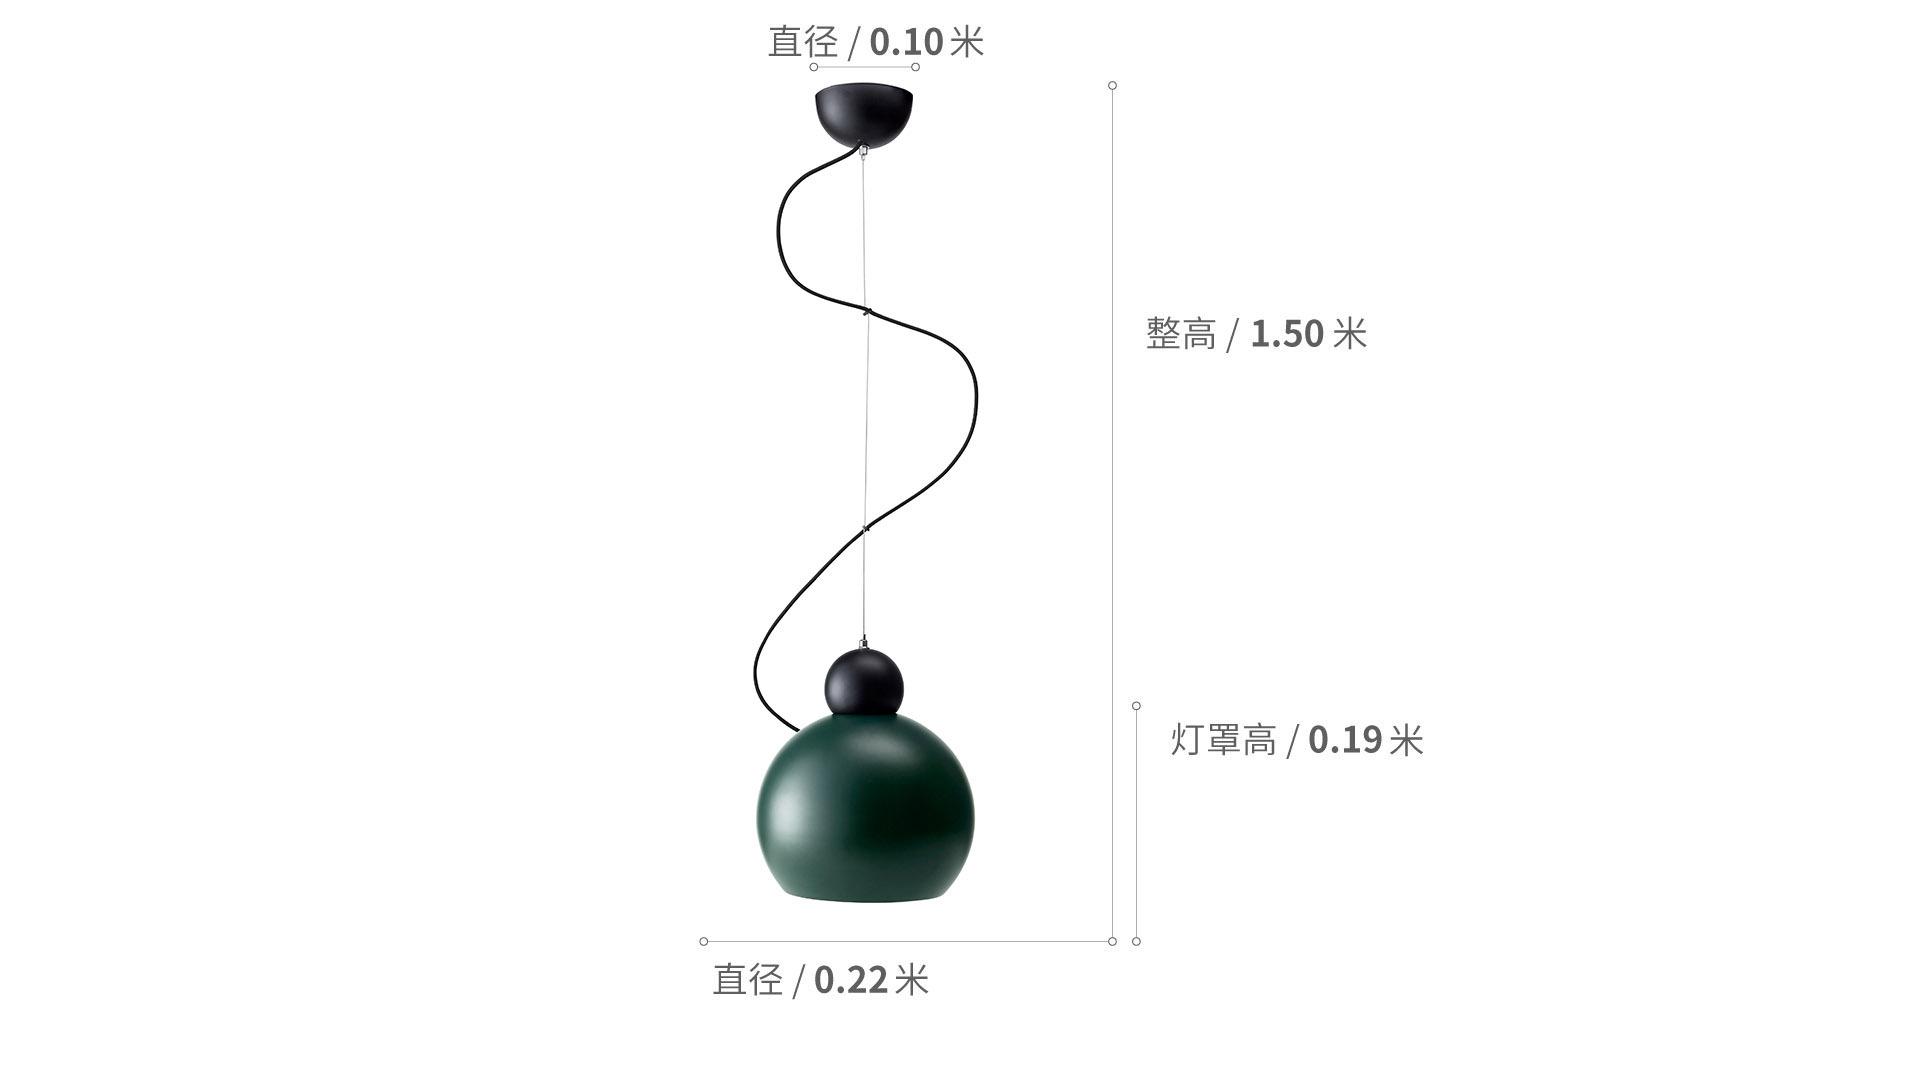 橄榄吊灯灯具效果图